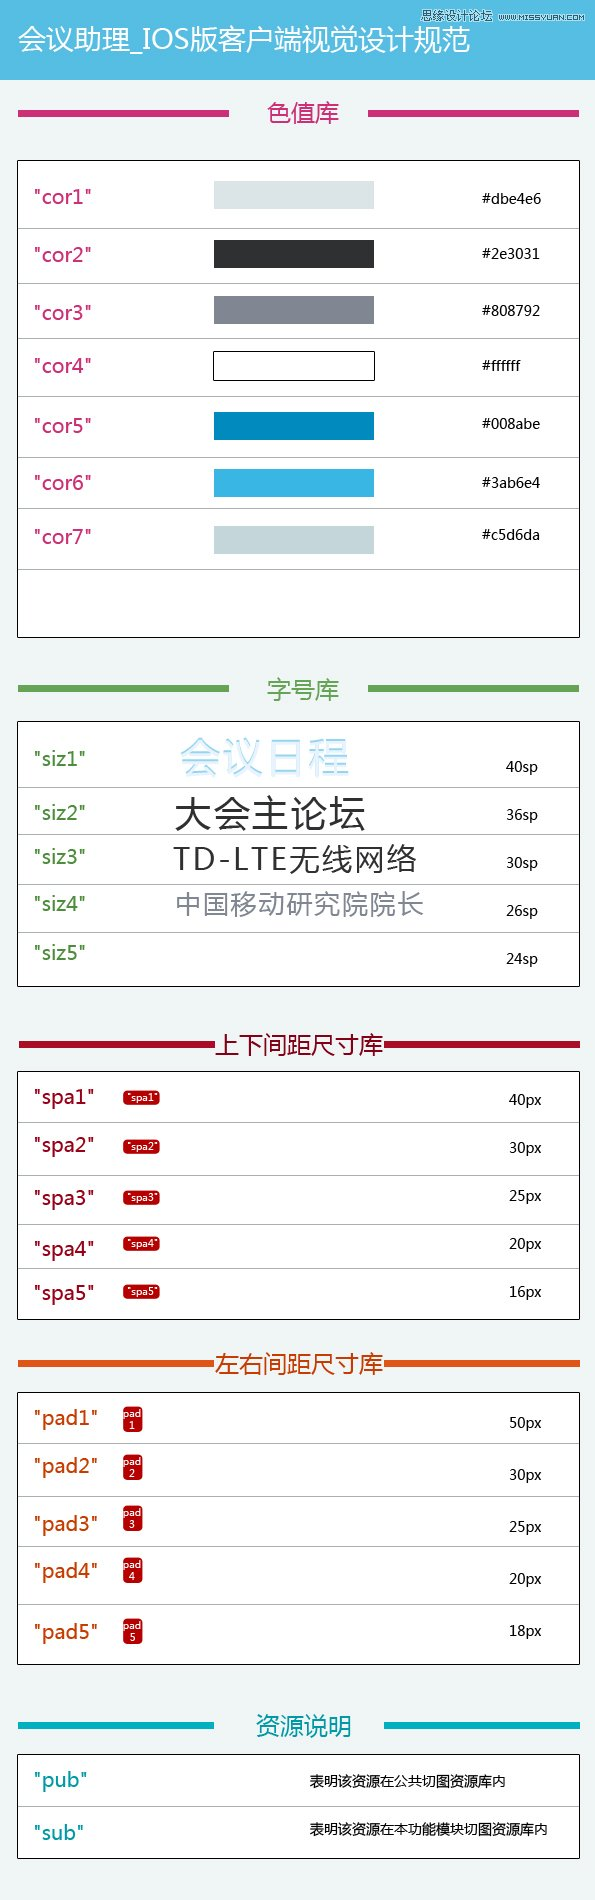 手机客户端ui设计规范模版